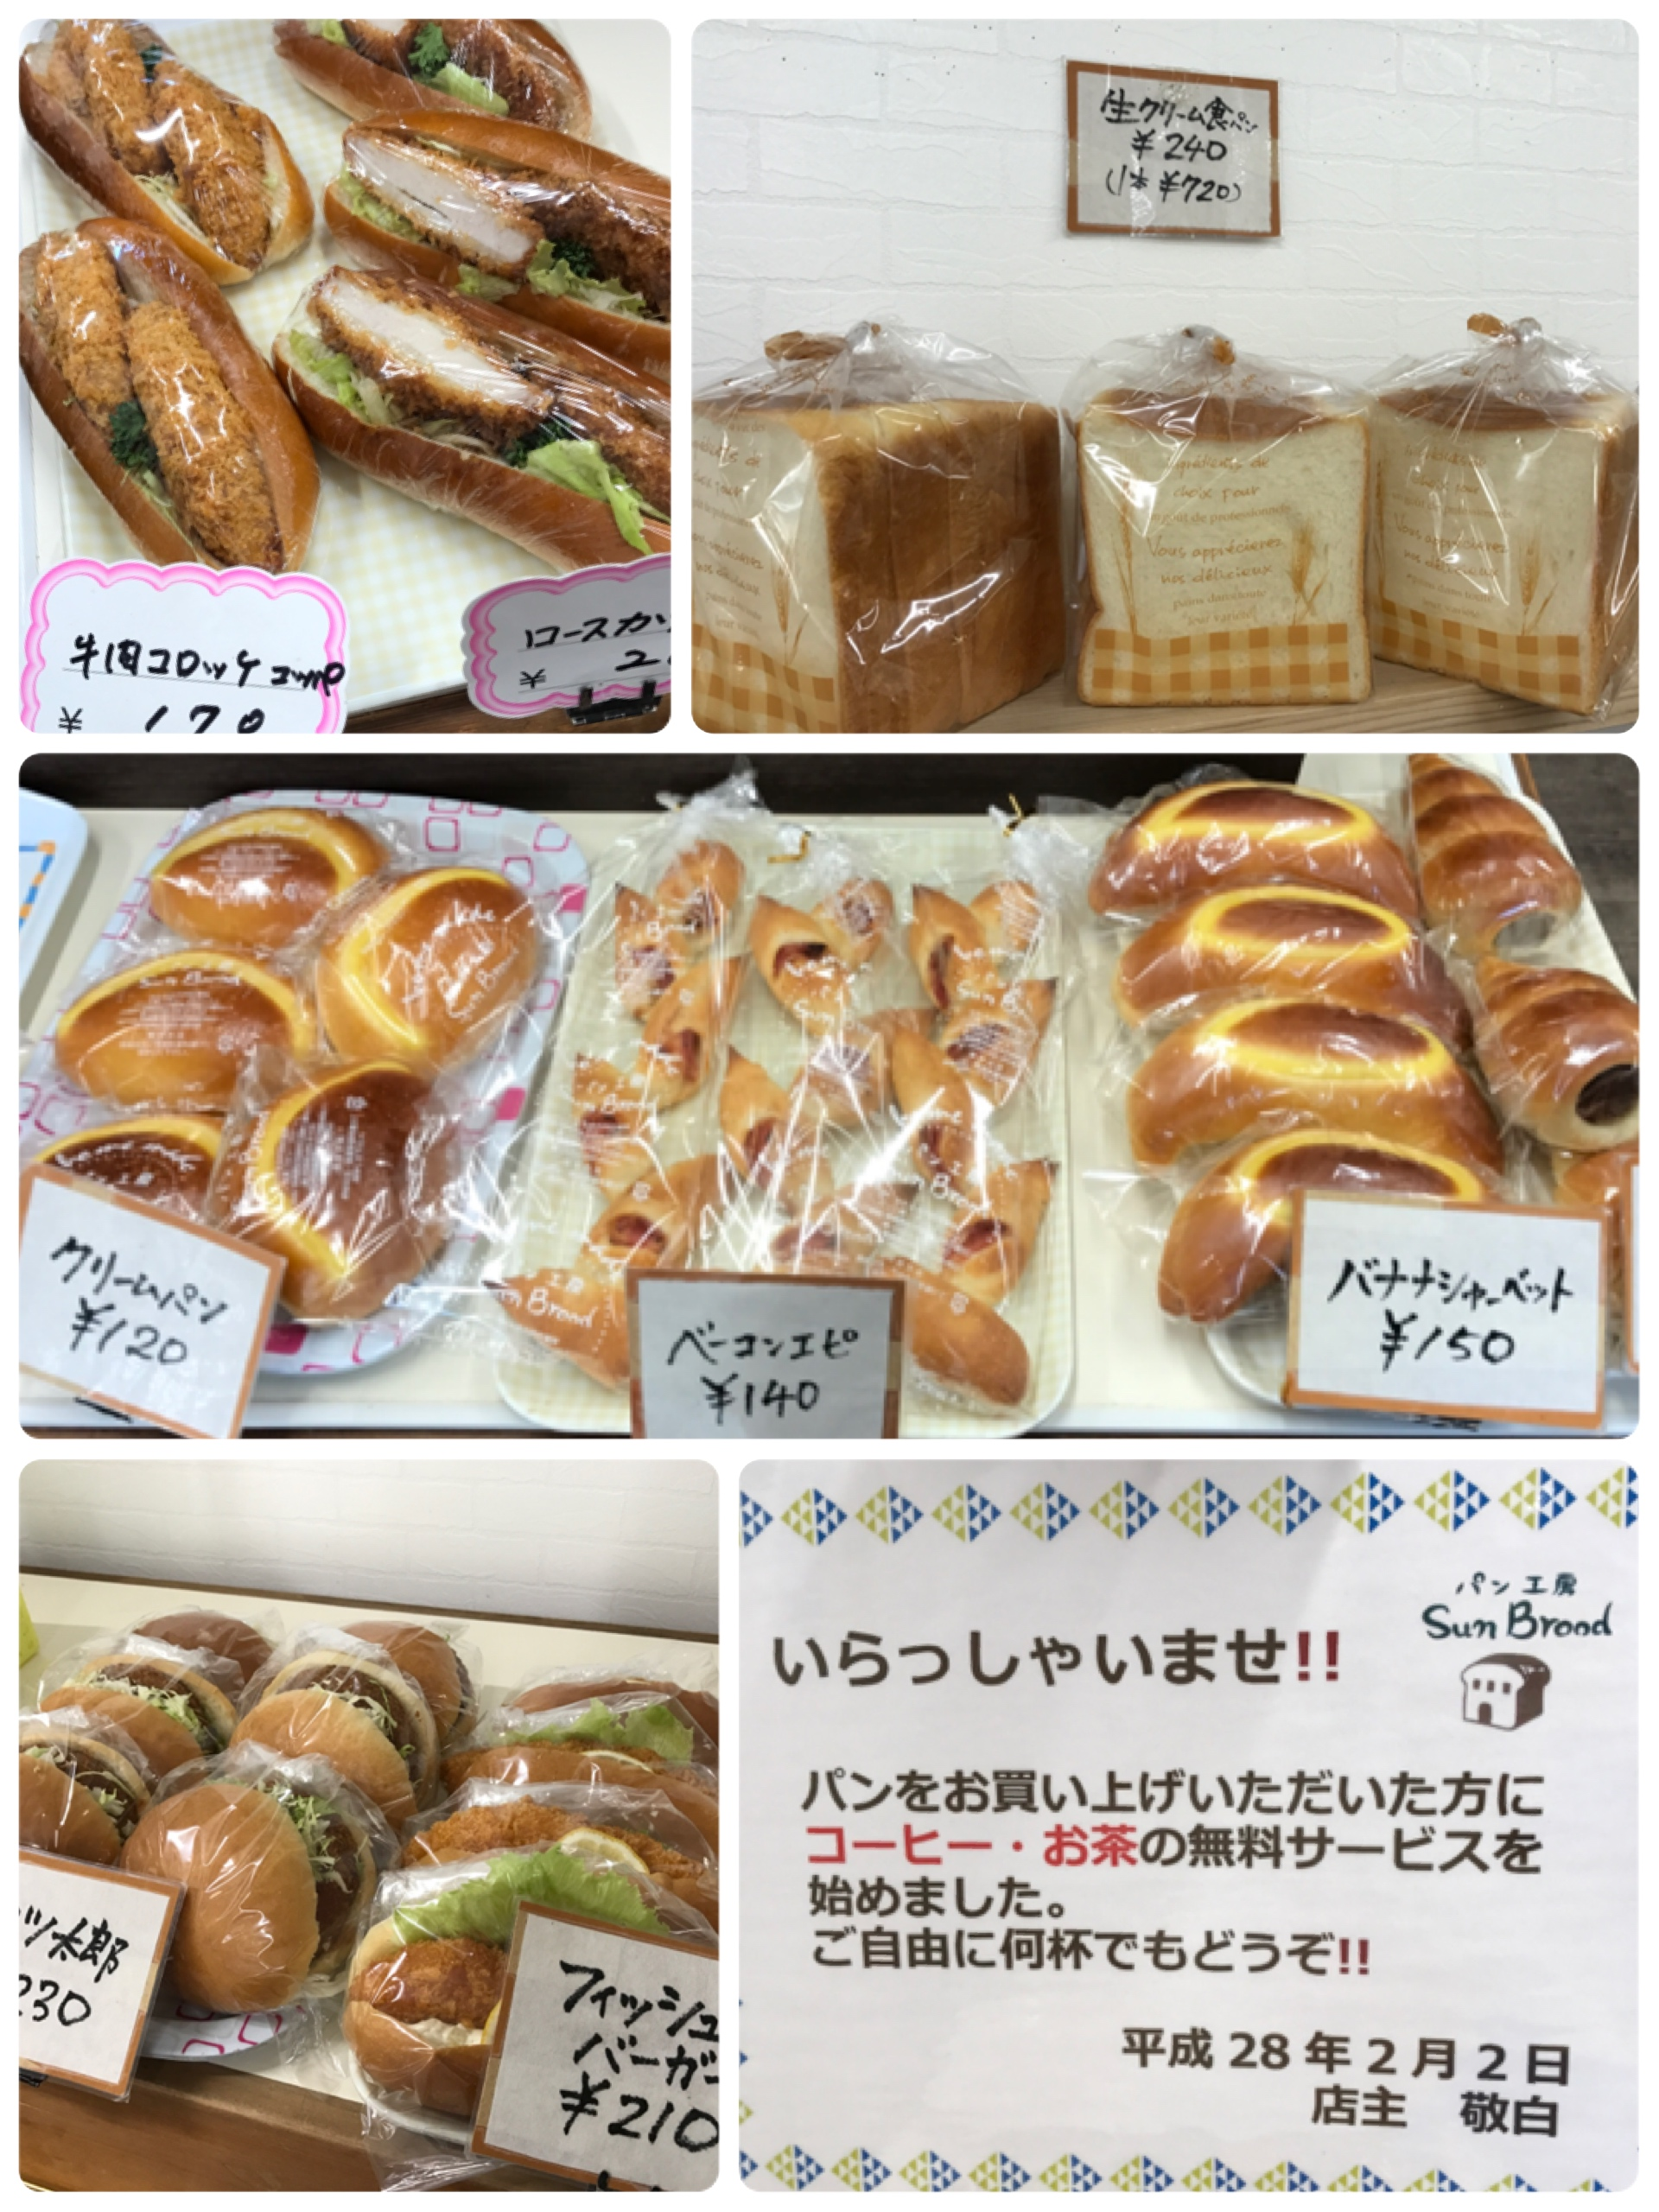 パン工房サンブロート平戸店です🍞